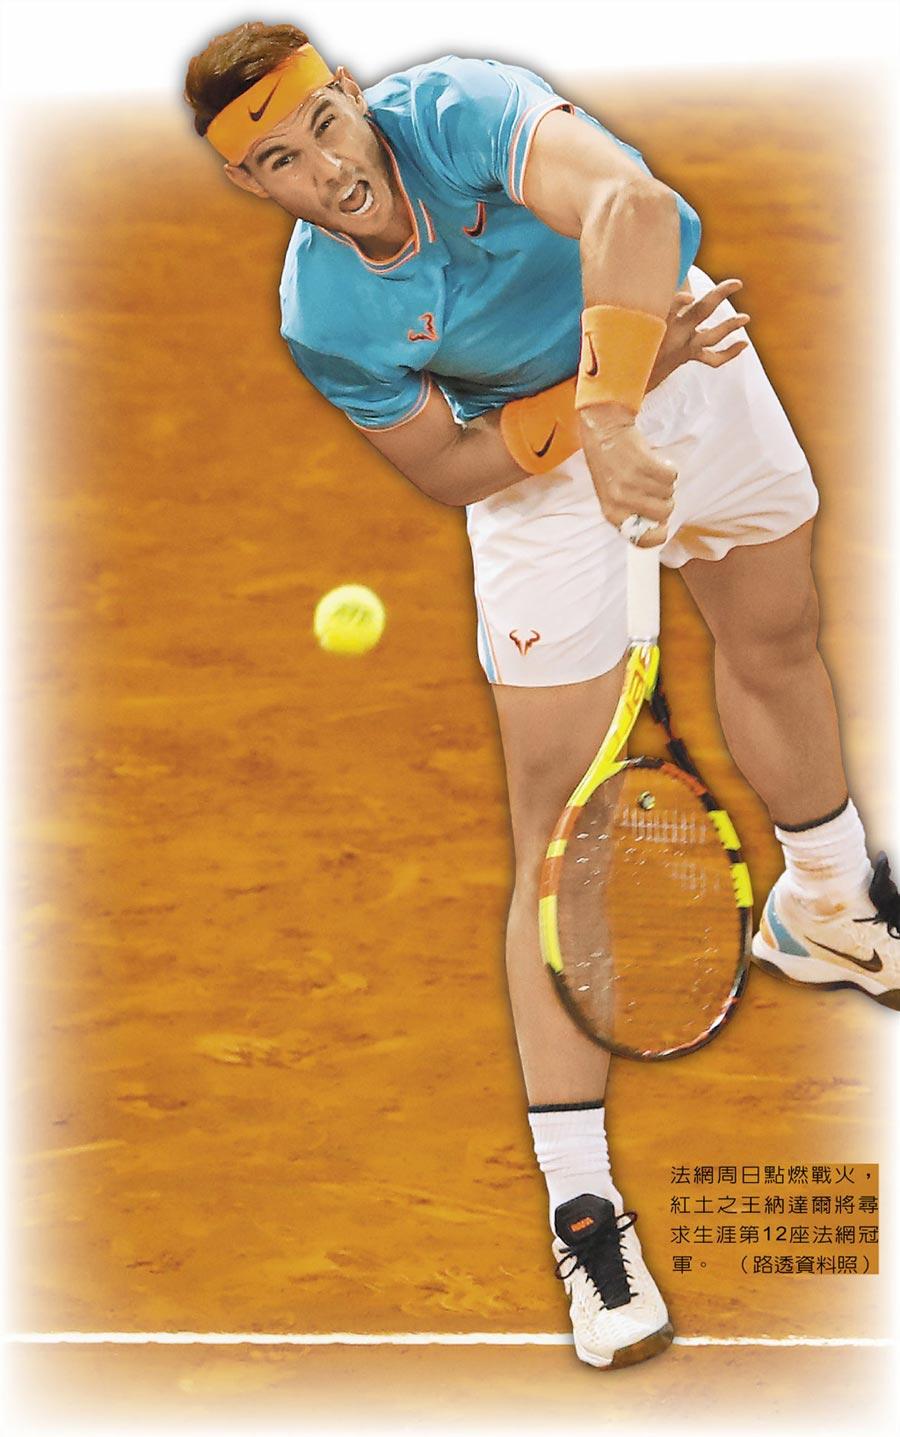 法网周日点燃战火,红土之王纳达尔将寻求生涯第12座法网冠军。